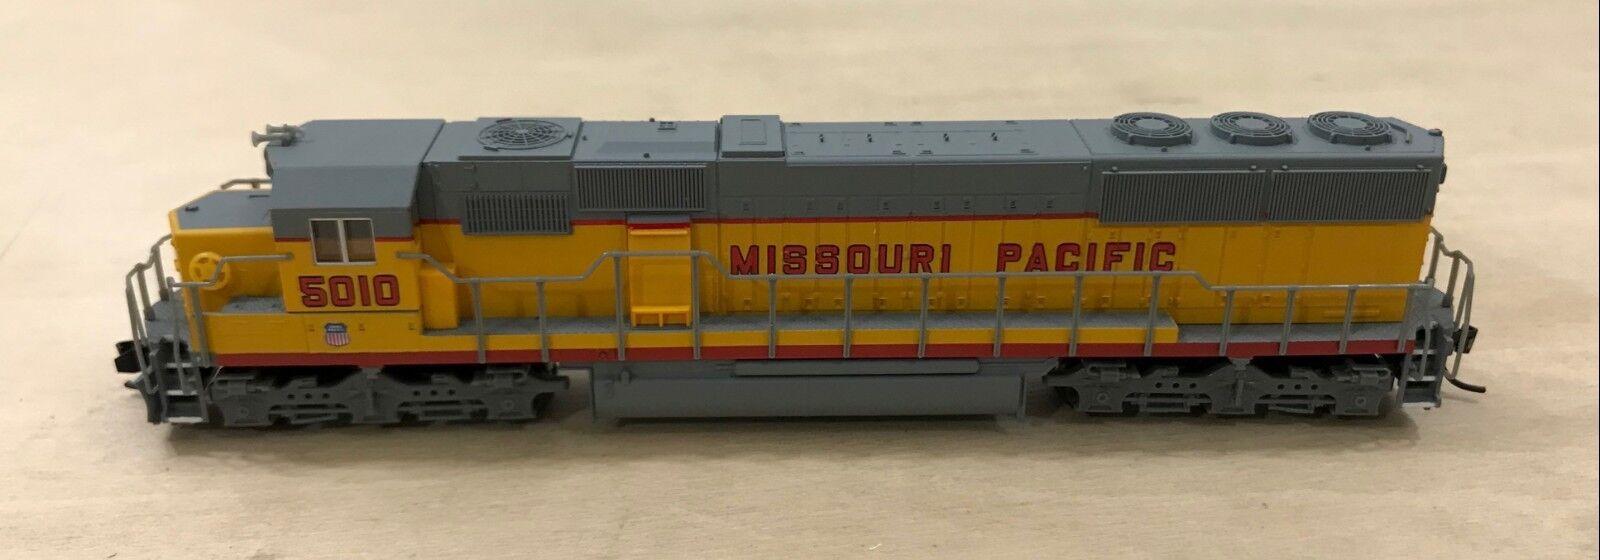 N Scale Atlas Diesel EMD SD-50 Locomotive - Missouri Pacific